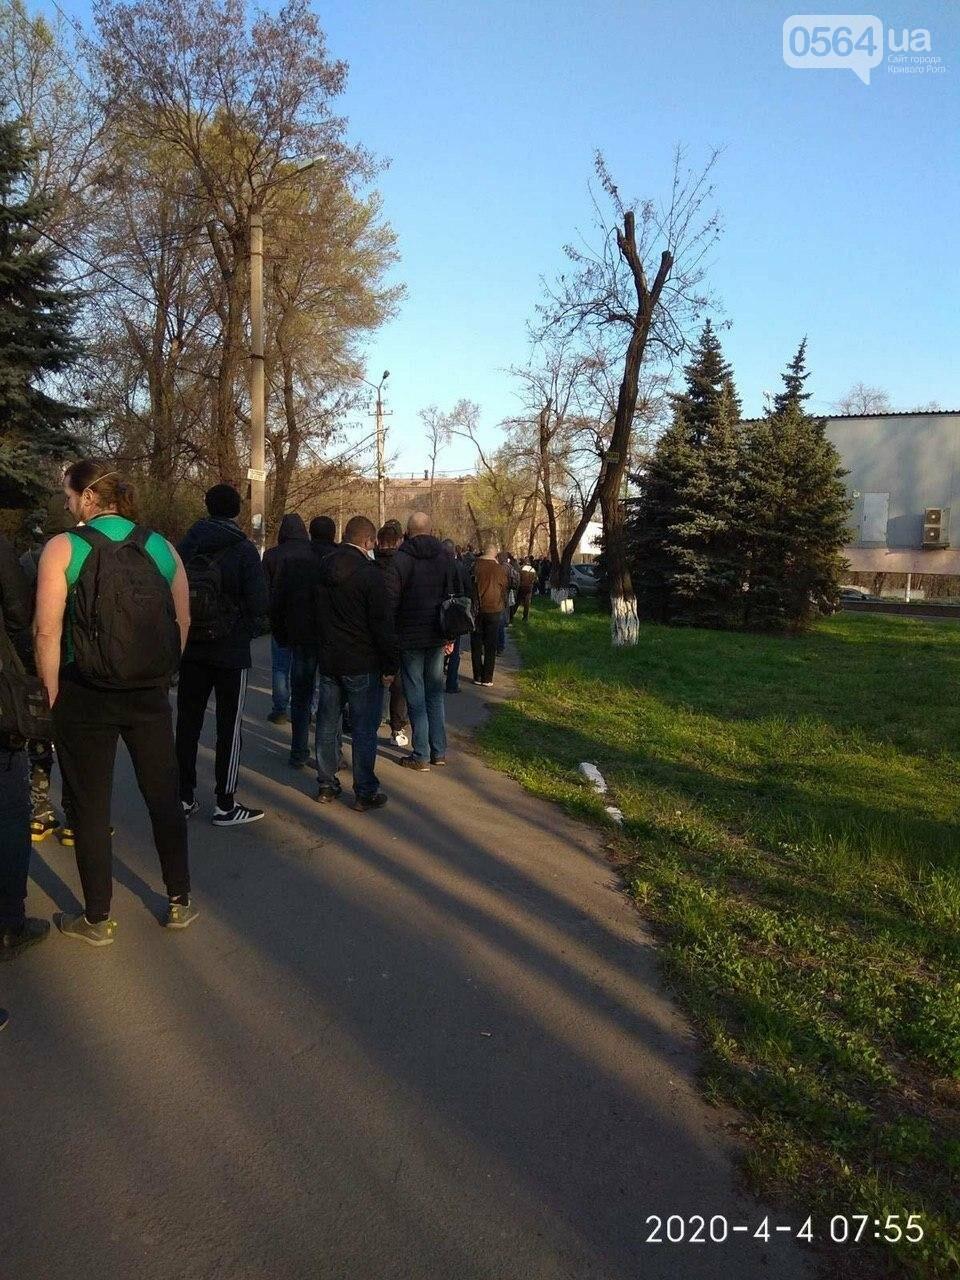 """""""Конца и края не видно"""": тысячи криворожан стоят в очереди за спецпропуском для проезда в общественном транспорте, - ФОТО, ВИДЕО , фото-3"""